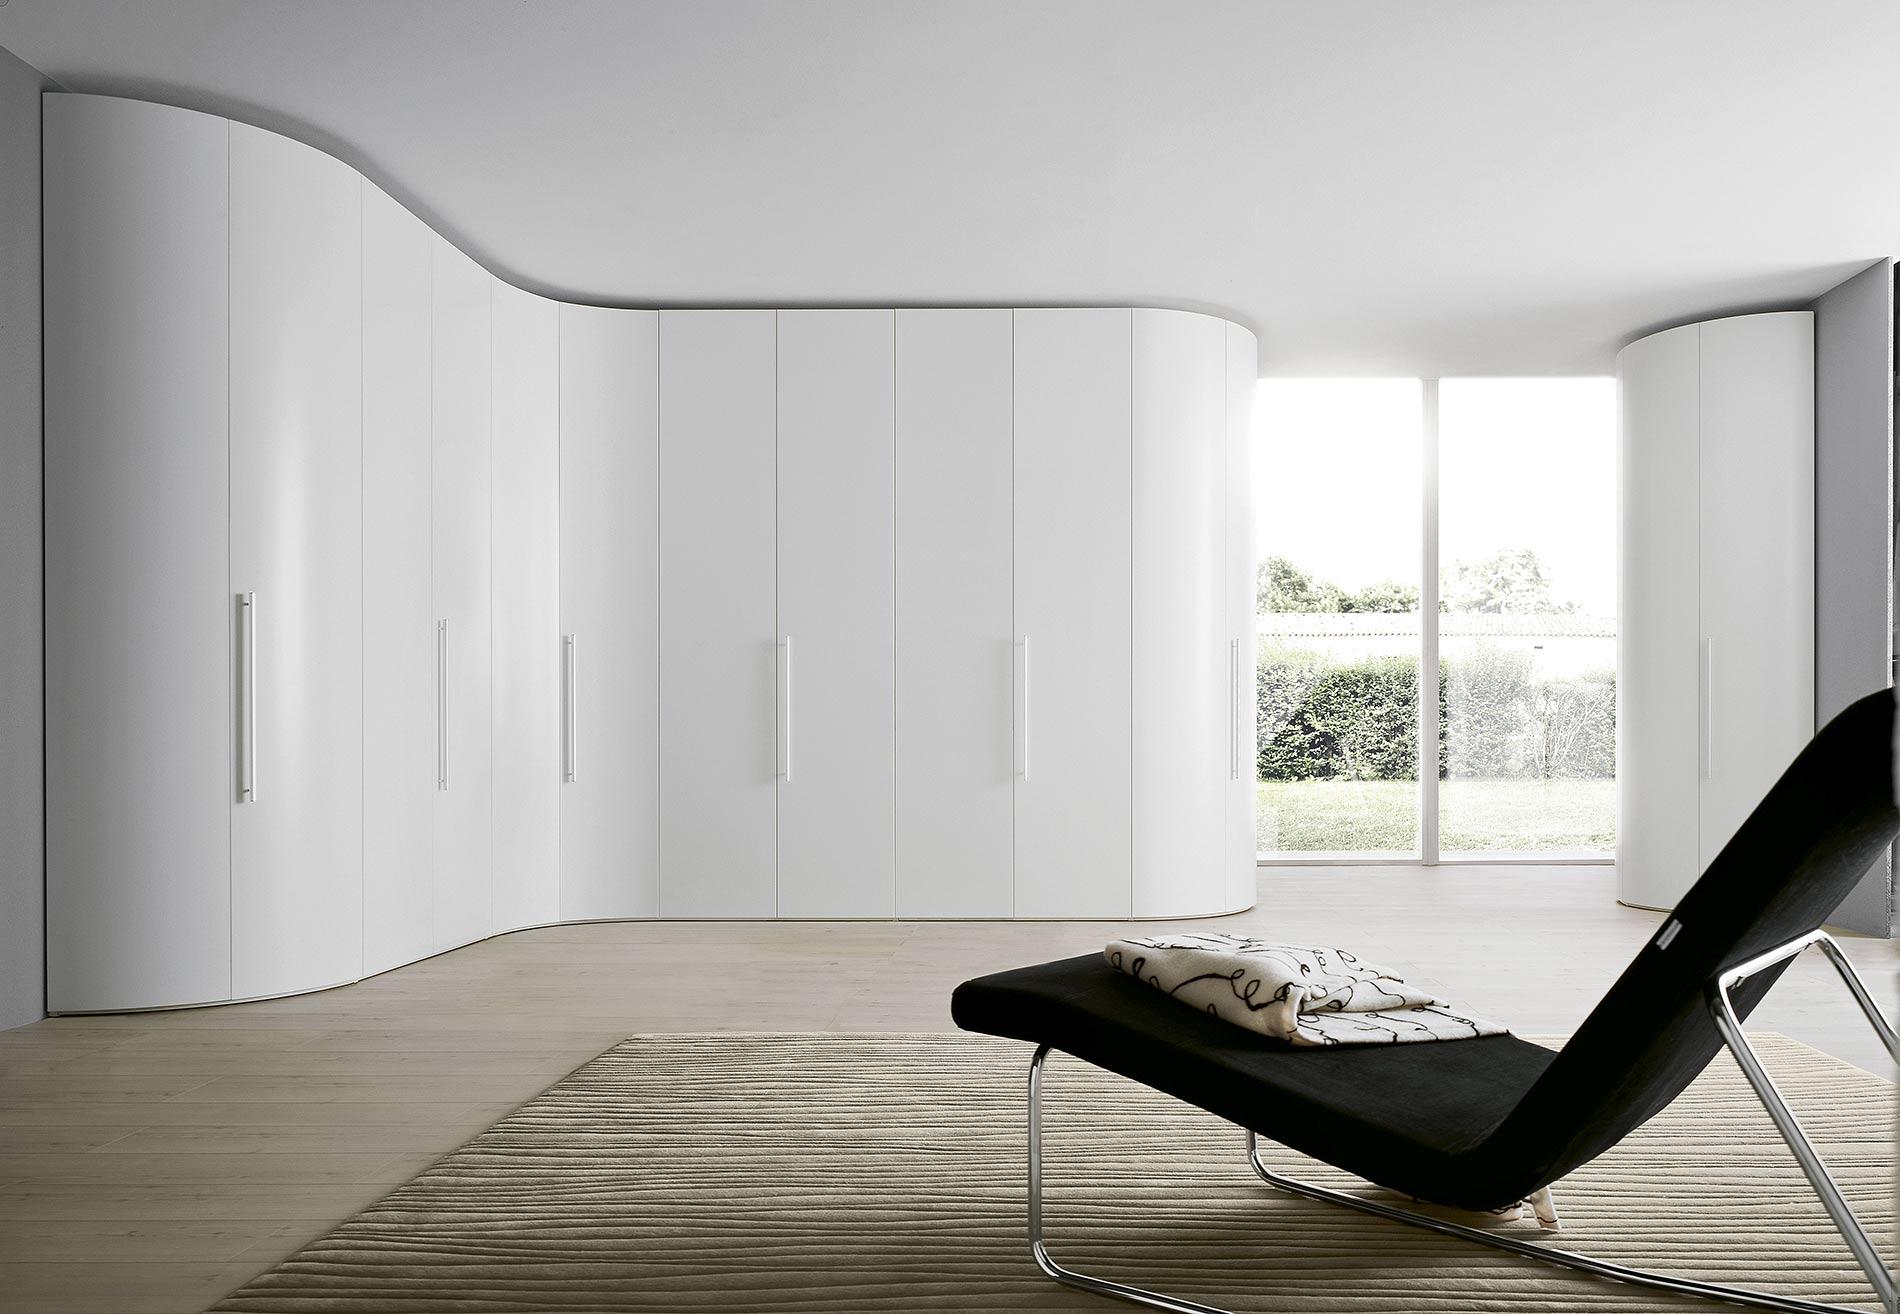 eckschrank schlafzimmer weiss eckschrank schlafzimmer. Black Bedroom Furniture Sets. Home Design Ideas